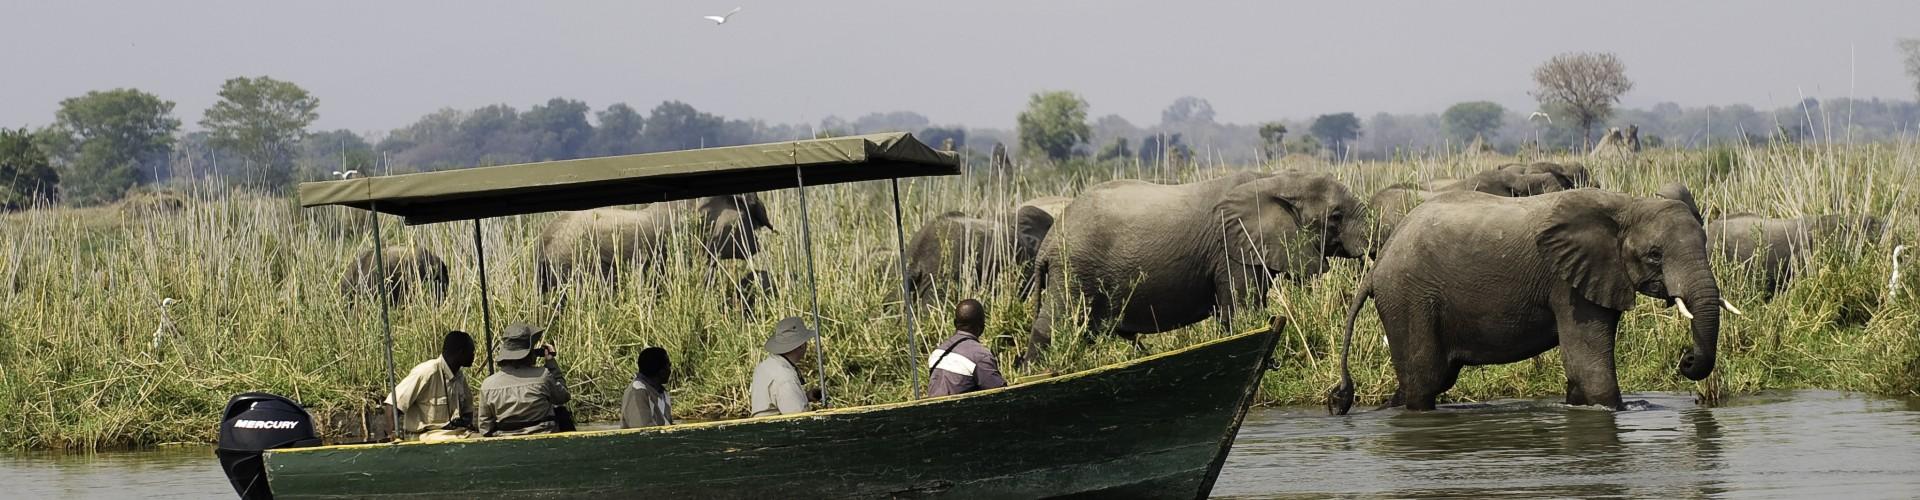 Malawi - Mvuu Lake Elephants